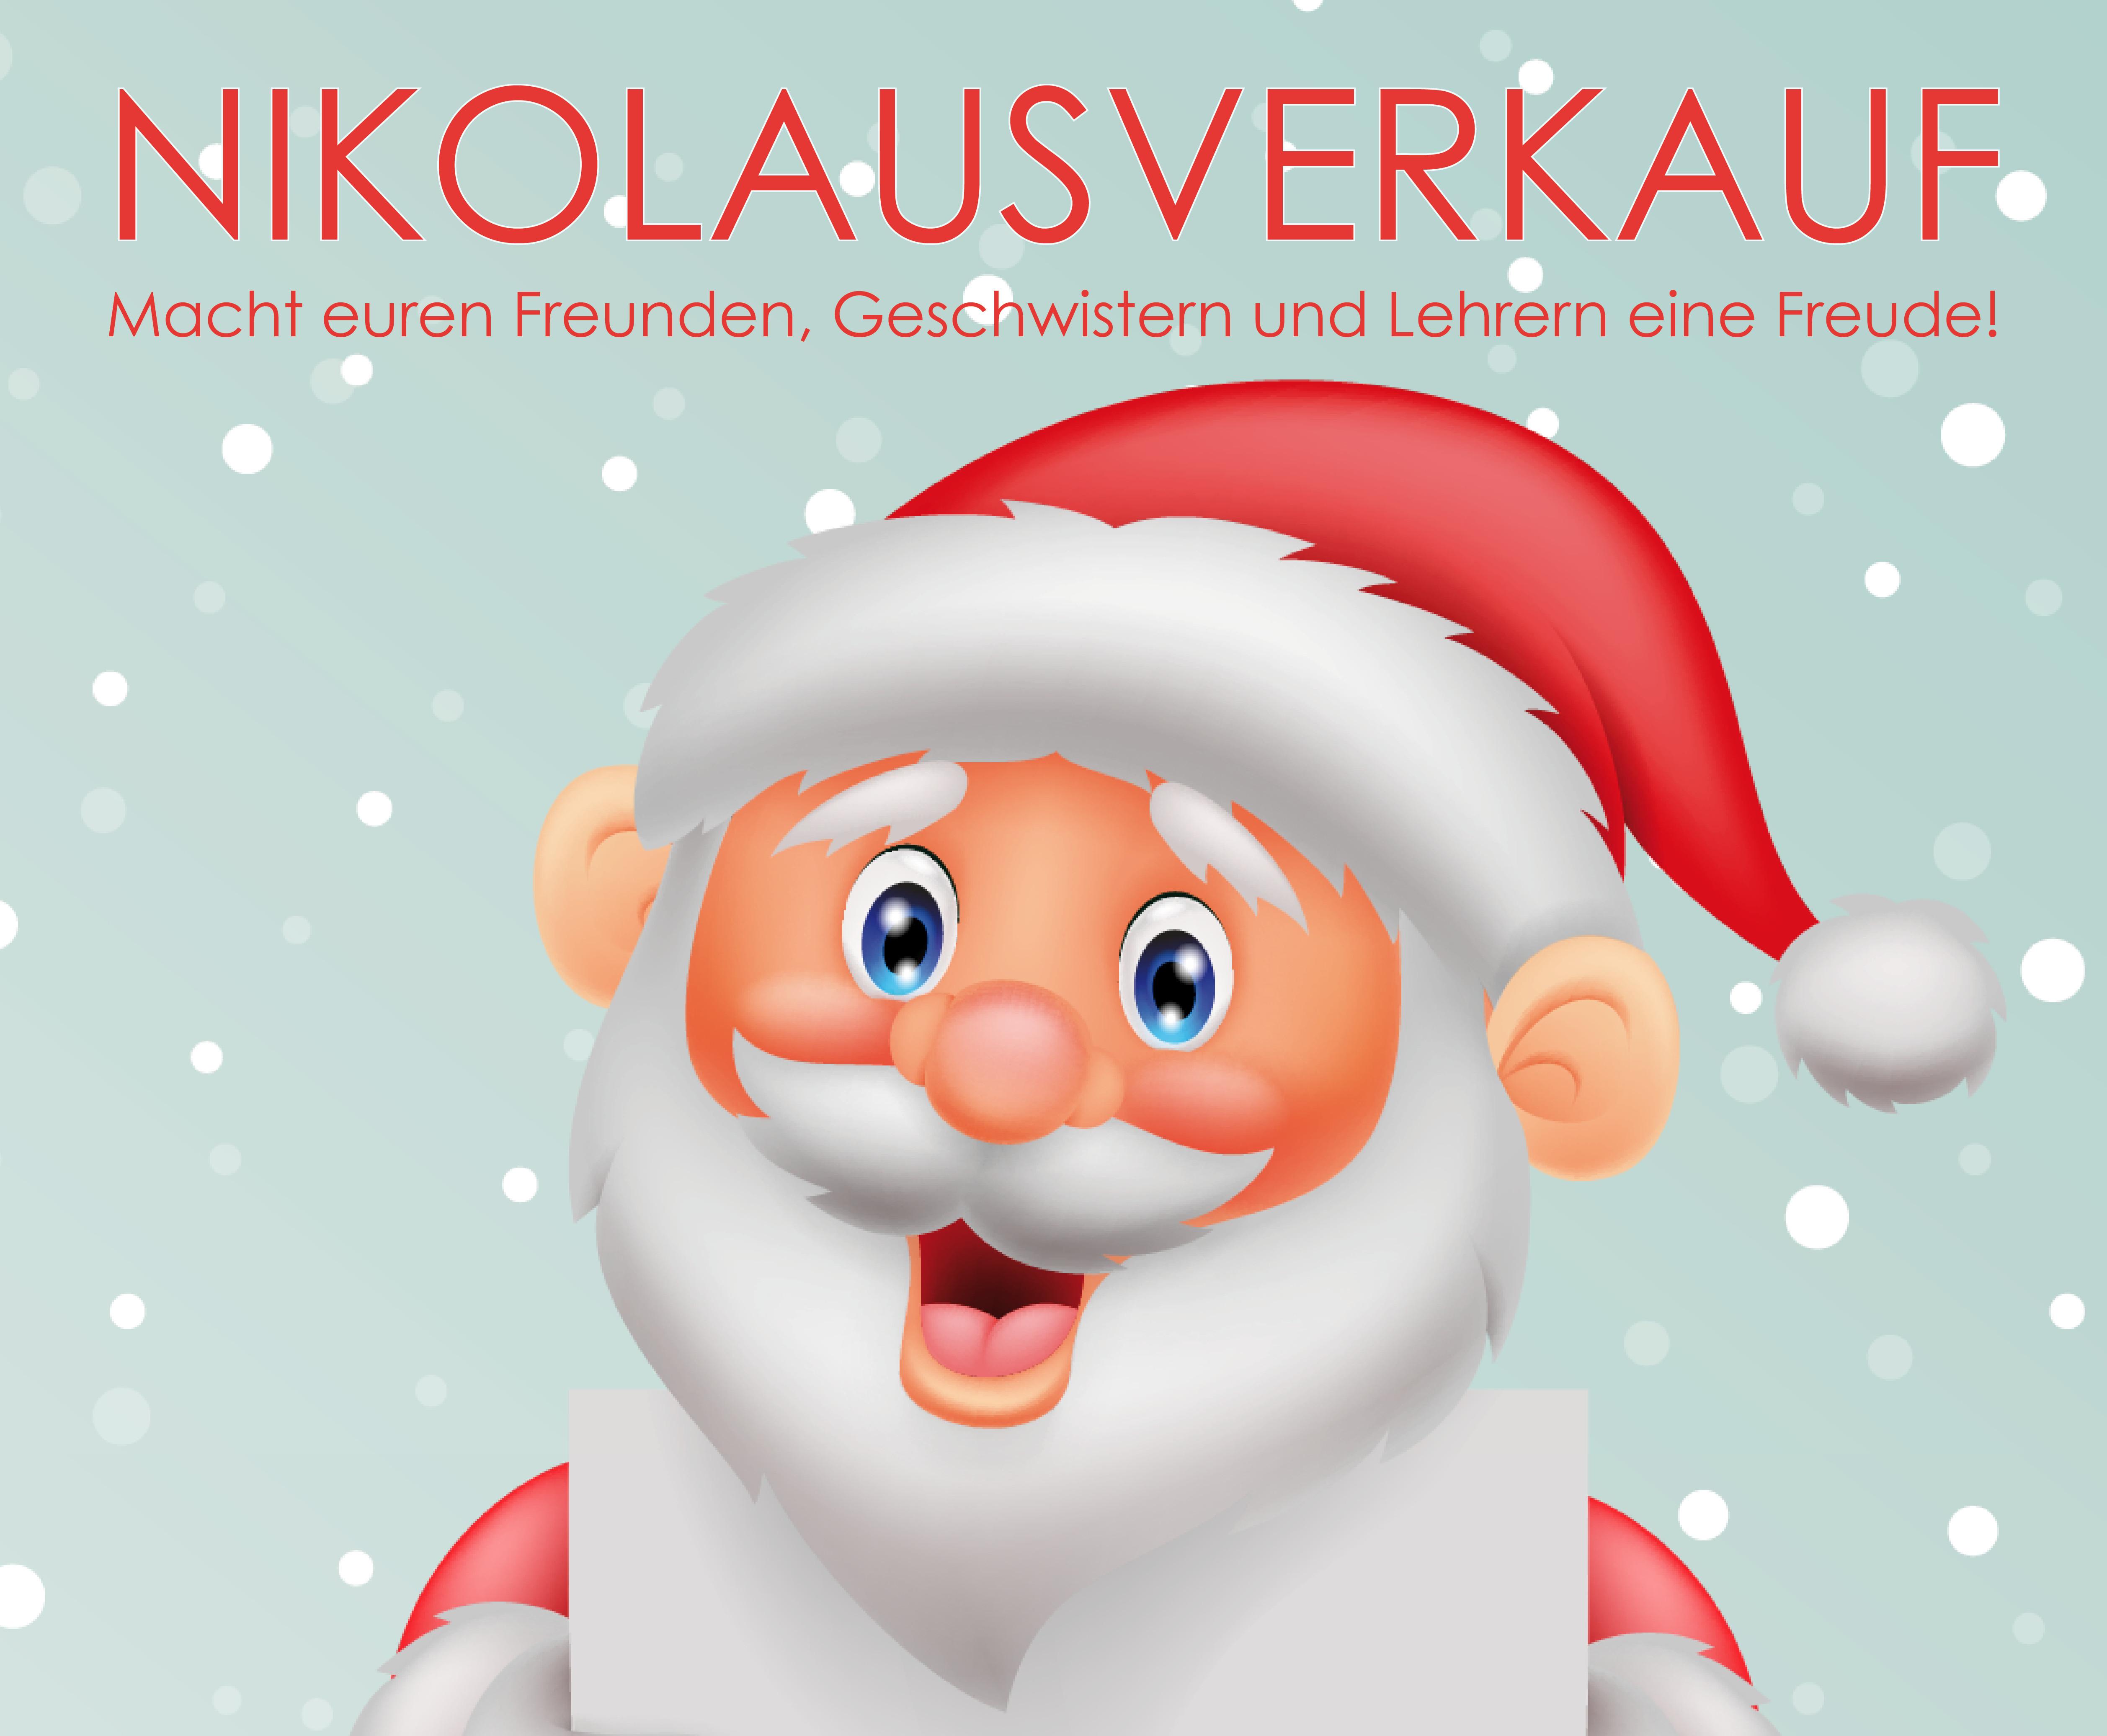 Nikolausverkauf2017